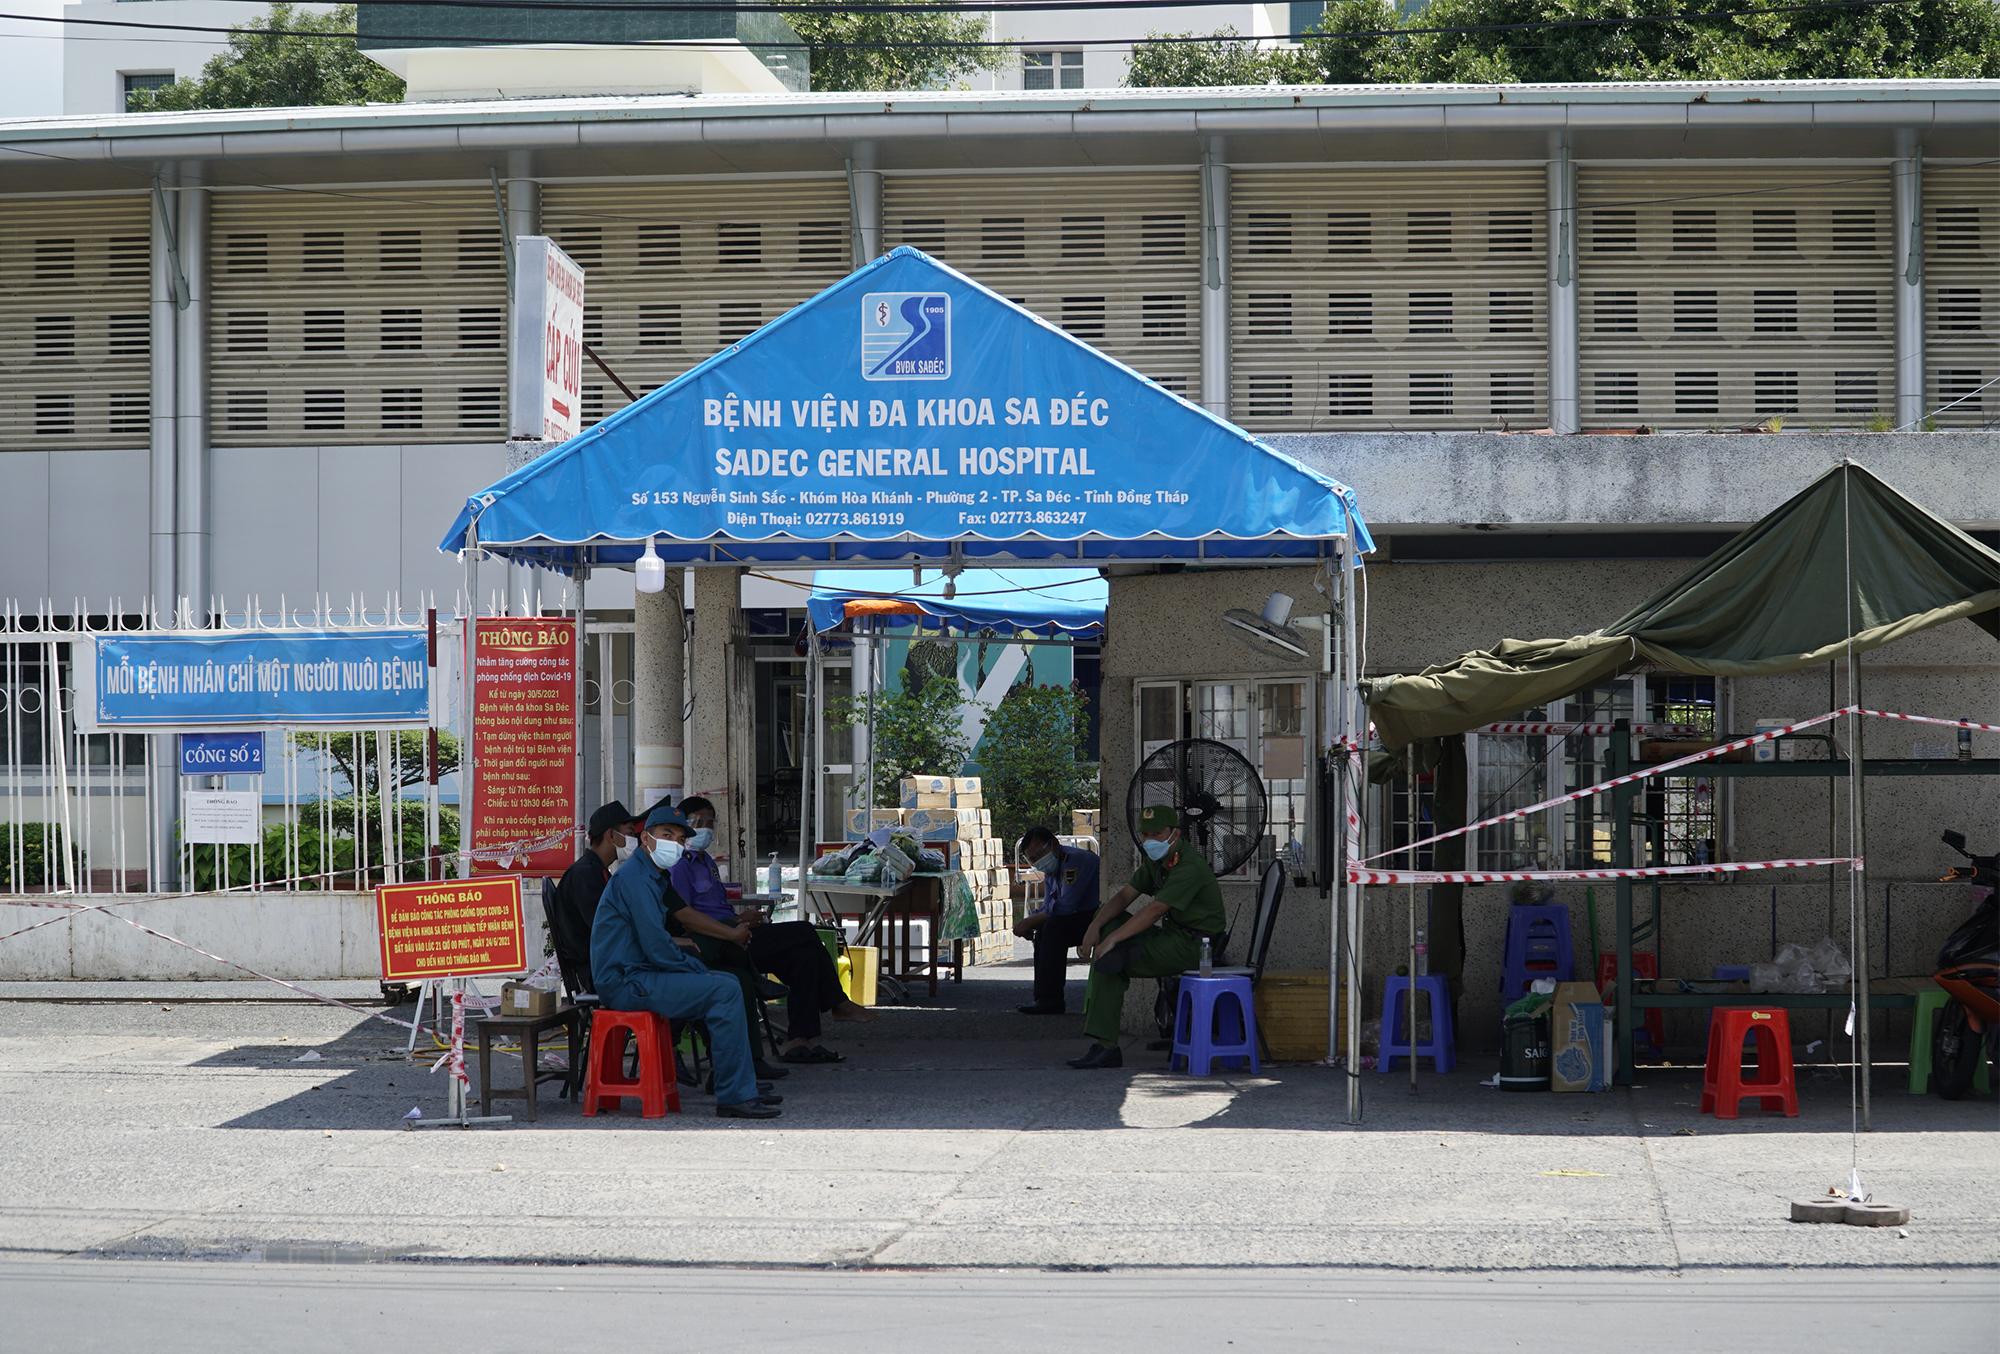 Bệnh viện Đa khoa Sa Đéc bị phong tỏa từ ngày 24/7. Ảnh: Ngọc Tài